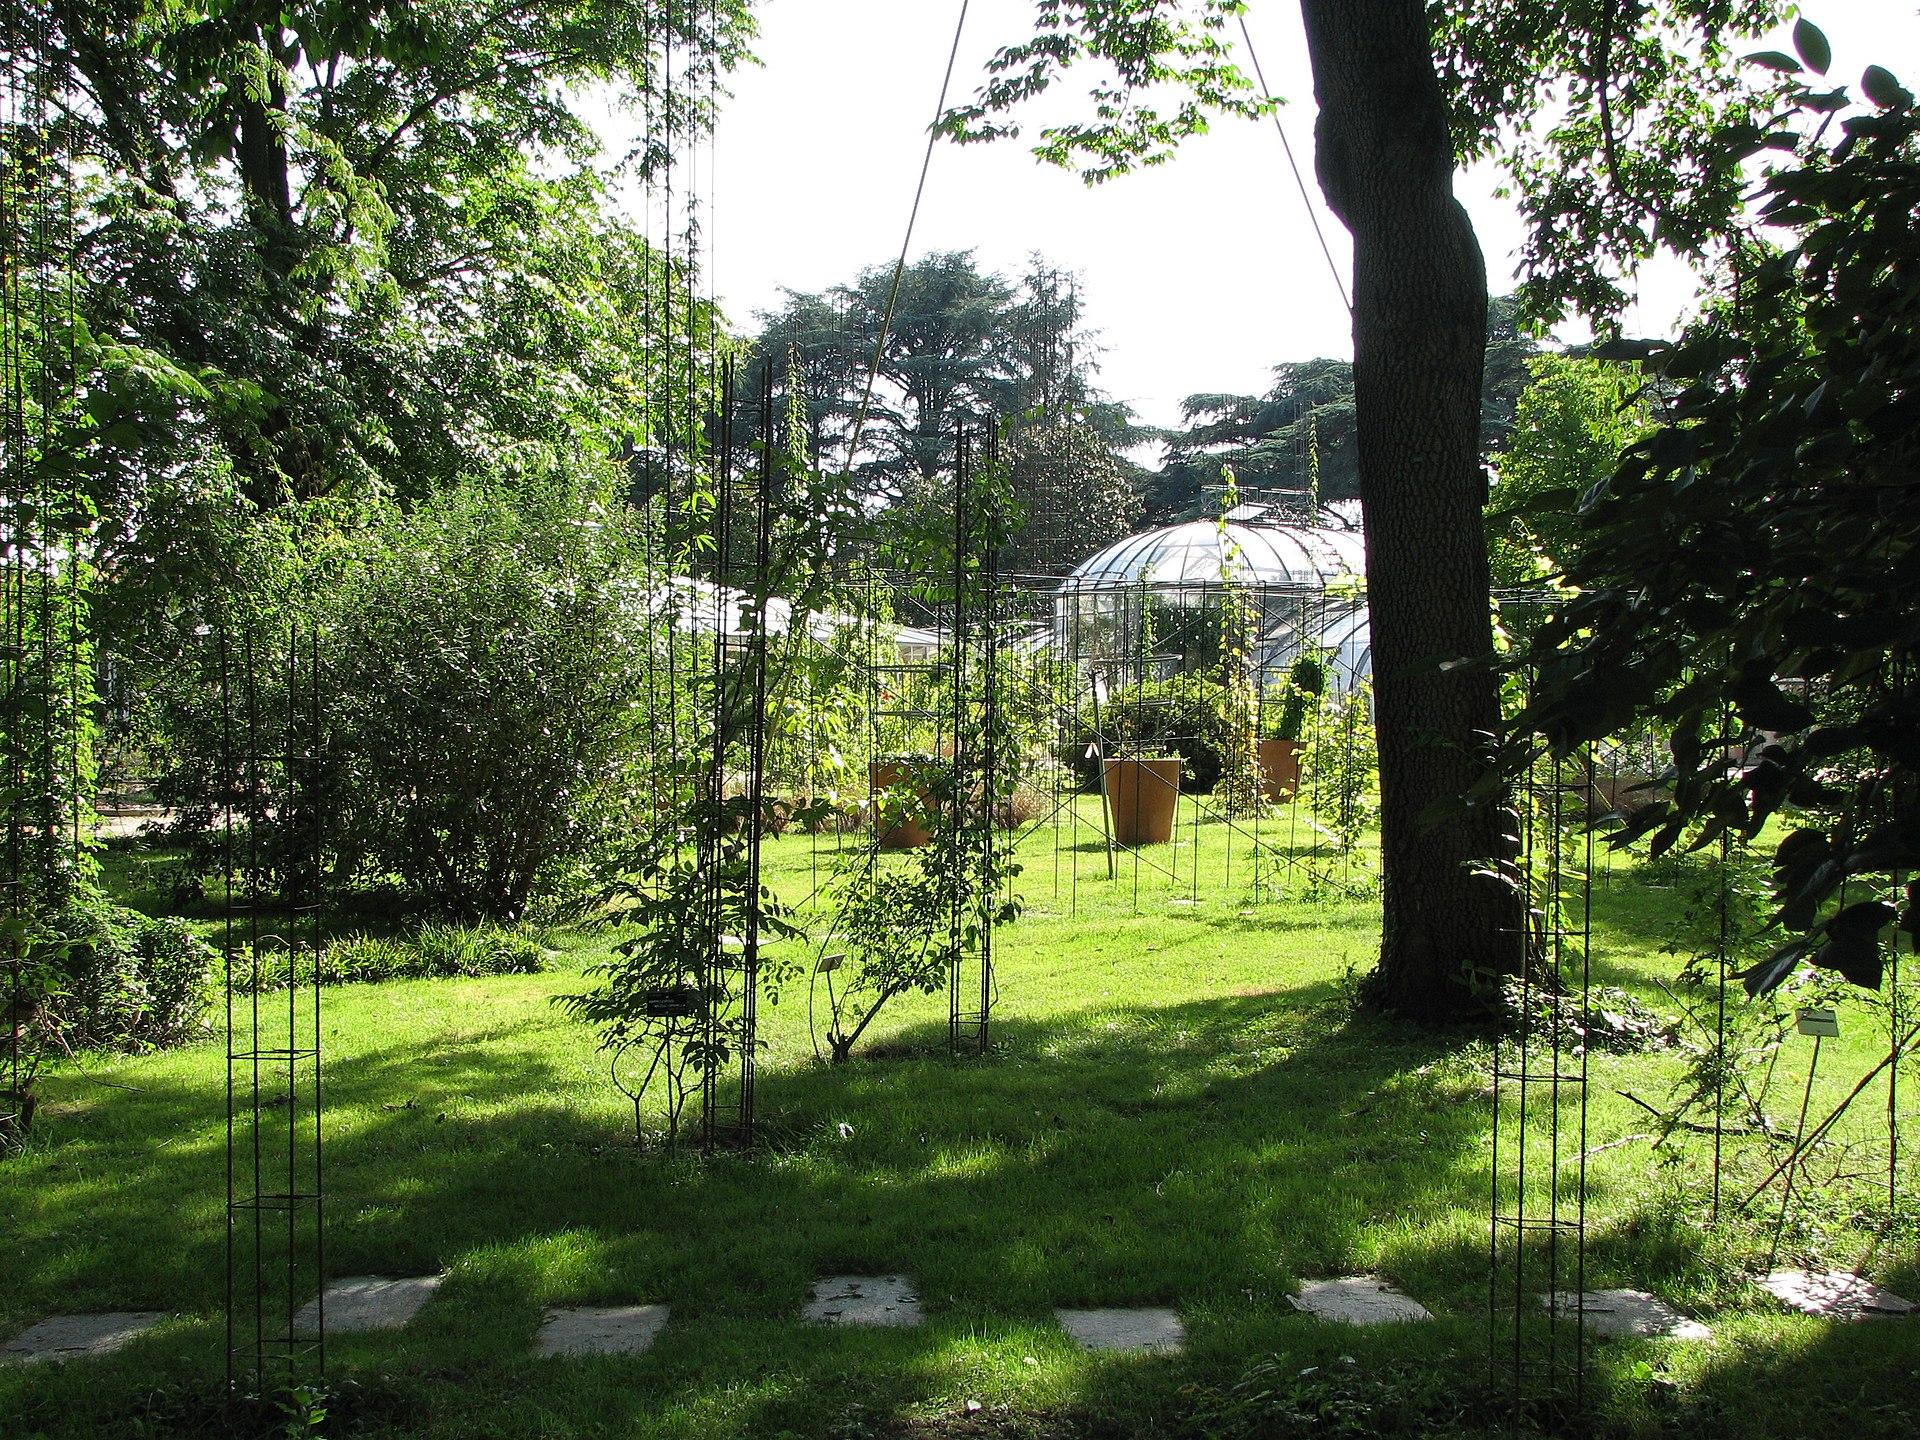 Jardin botanique de lyon wikip dia for Bal des citrouilles jardin botanique